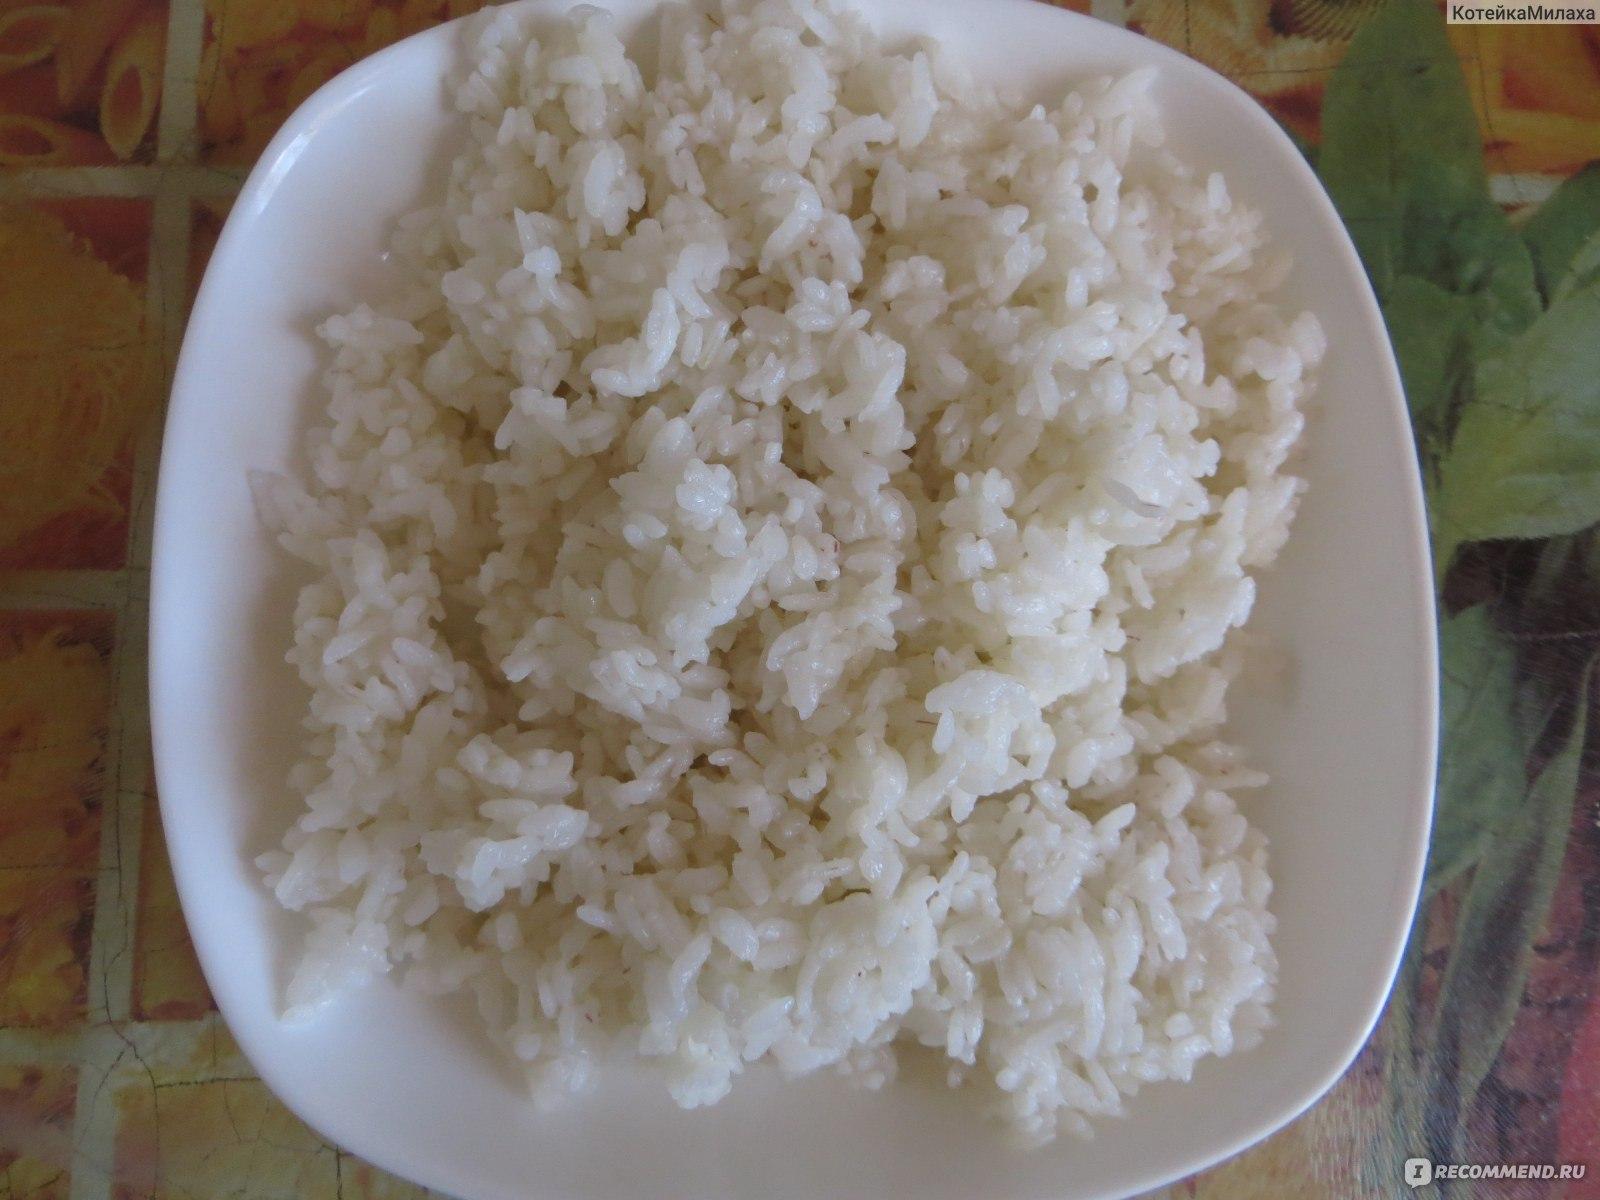 Краснодарский Рис Для Похудения. Рисовая диета